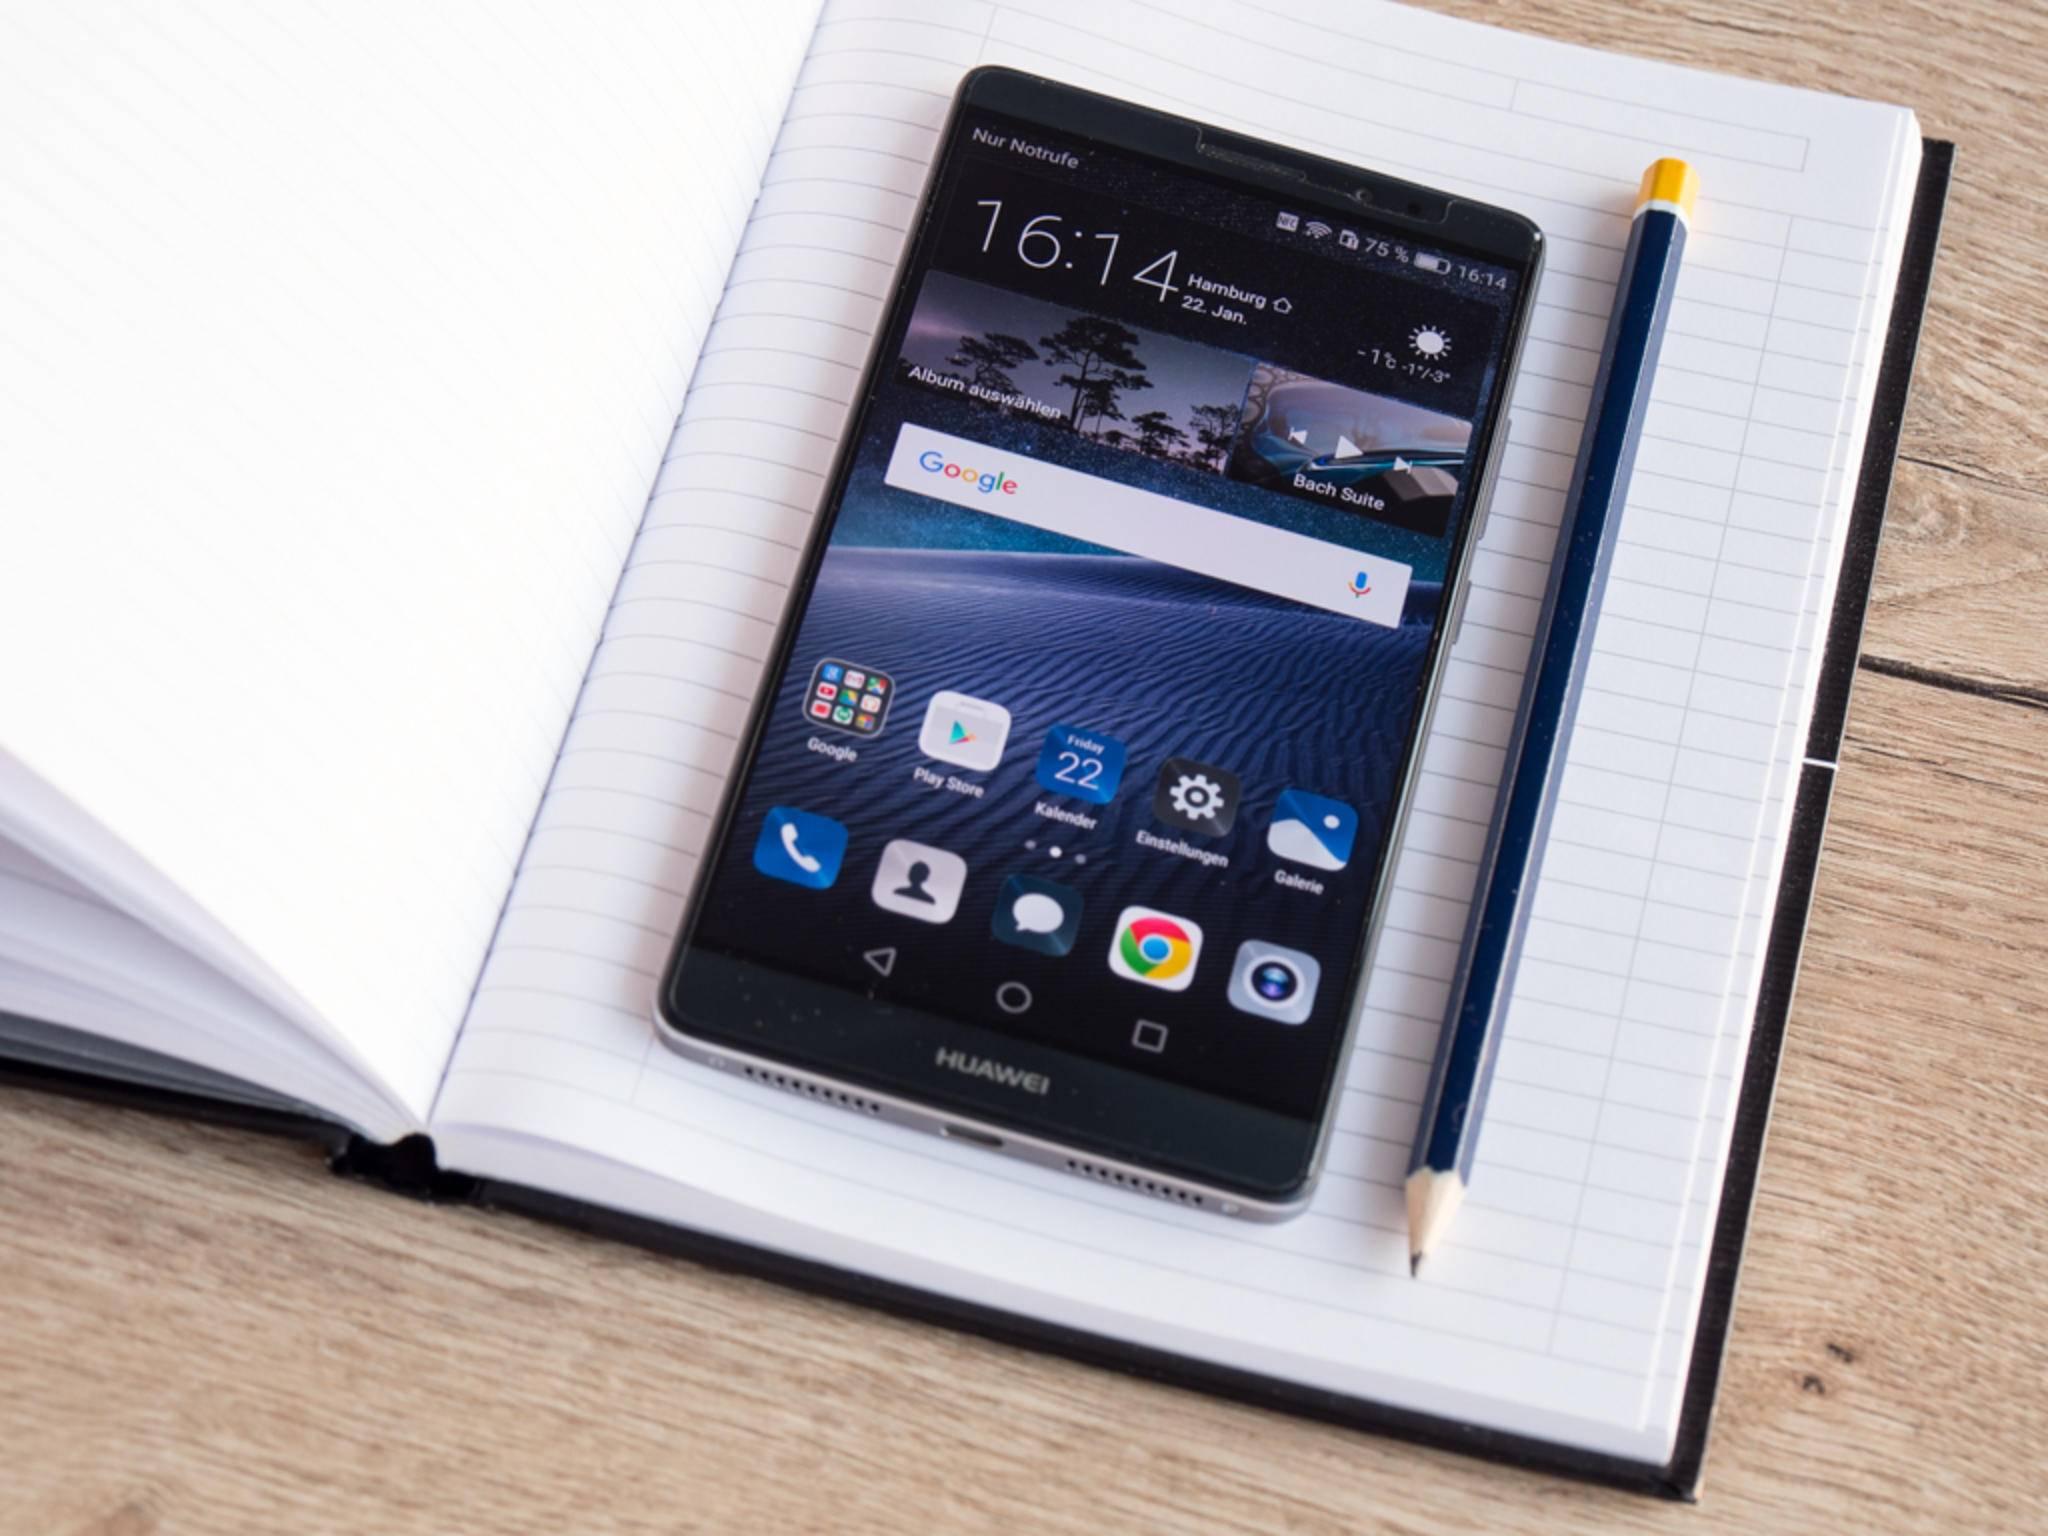 Mit den richtigen Tipps holst Du alles aus dem Huawei Mate 8 raus.